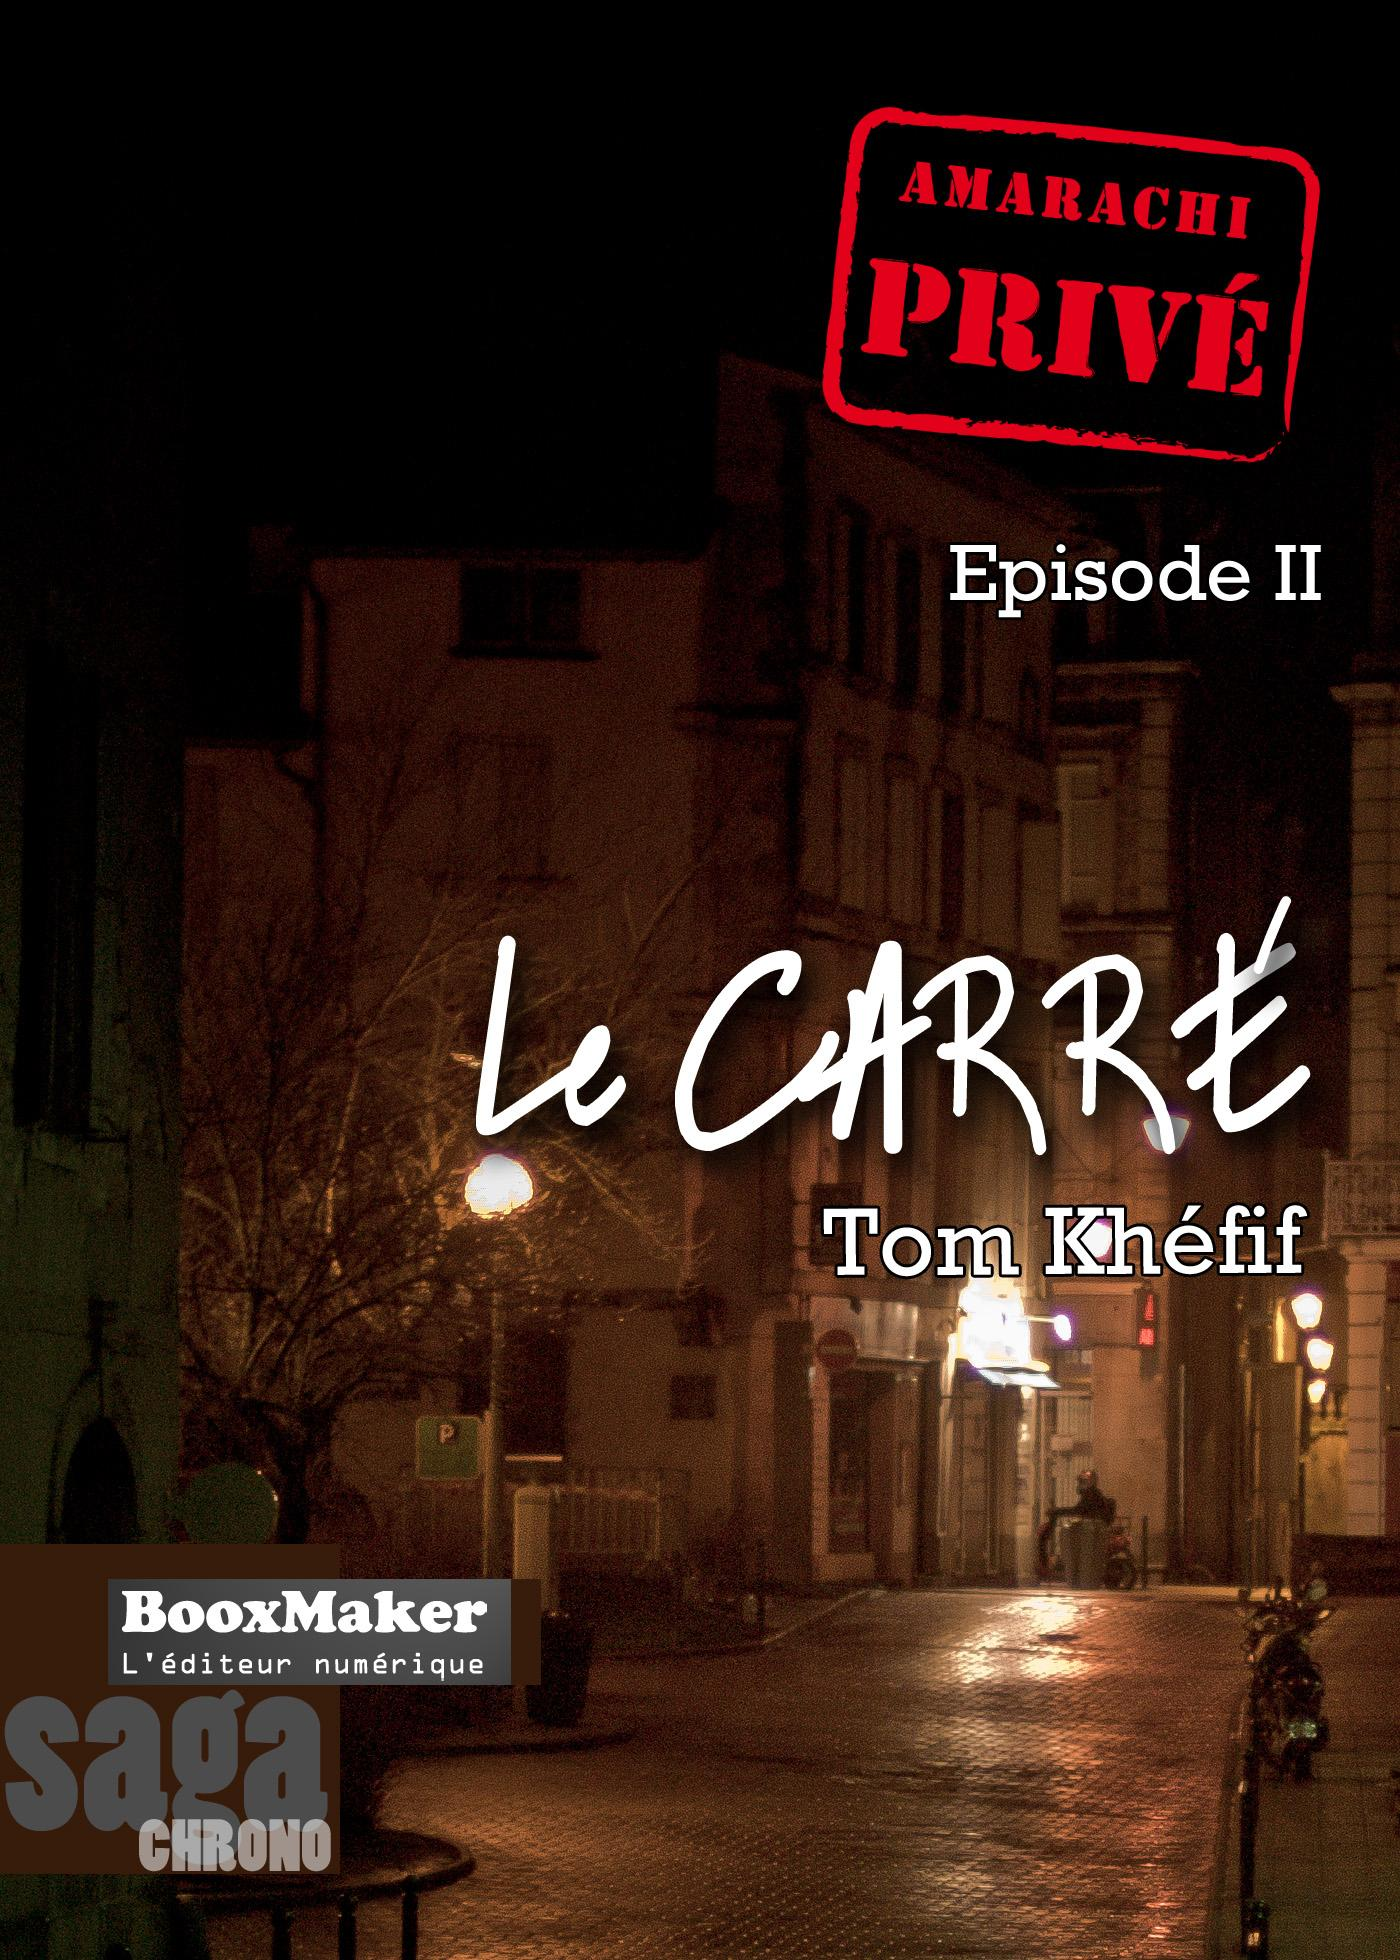 Le Carré, AMARACHI: PRIVÉ, T2